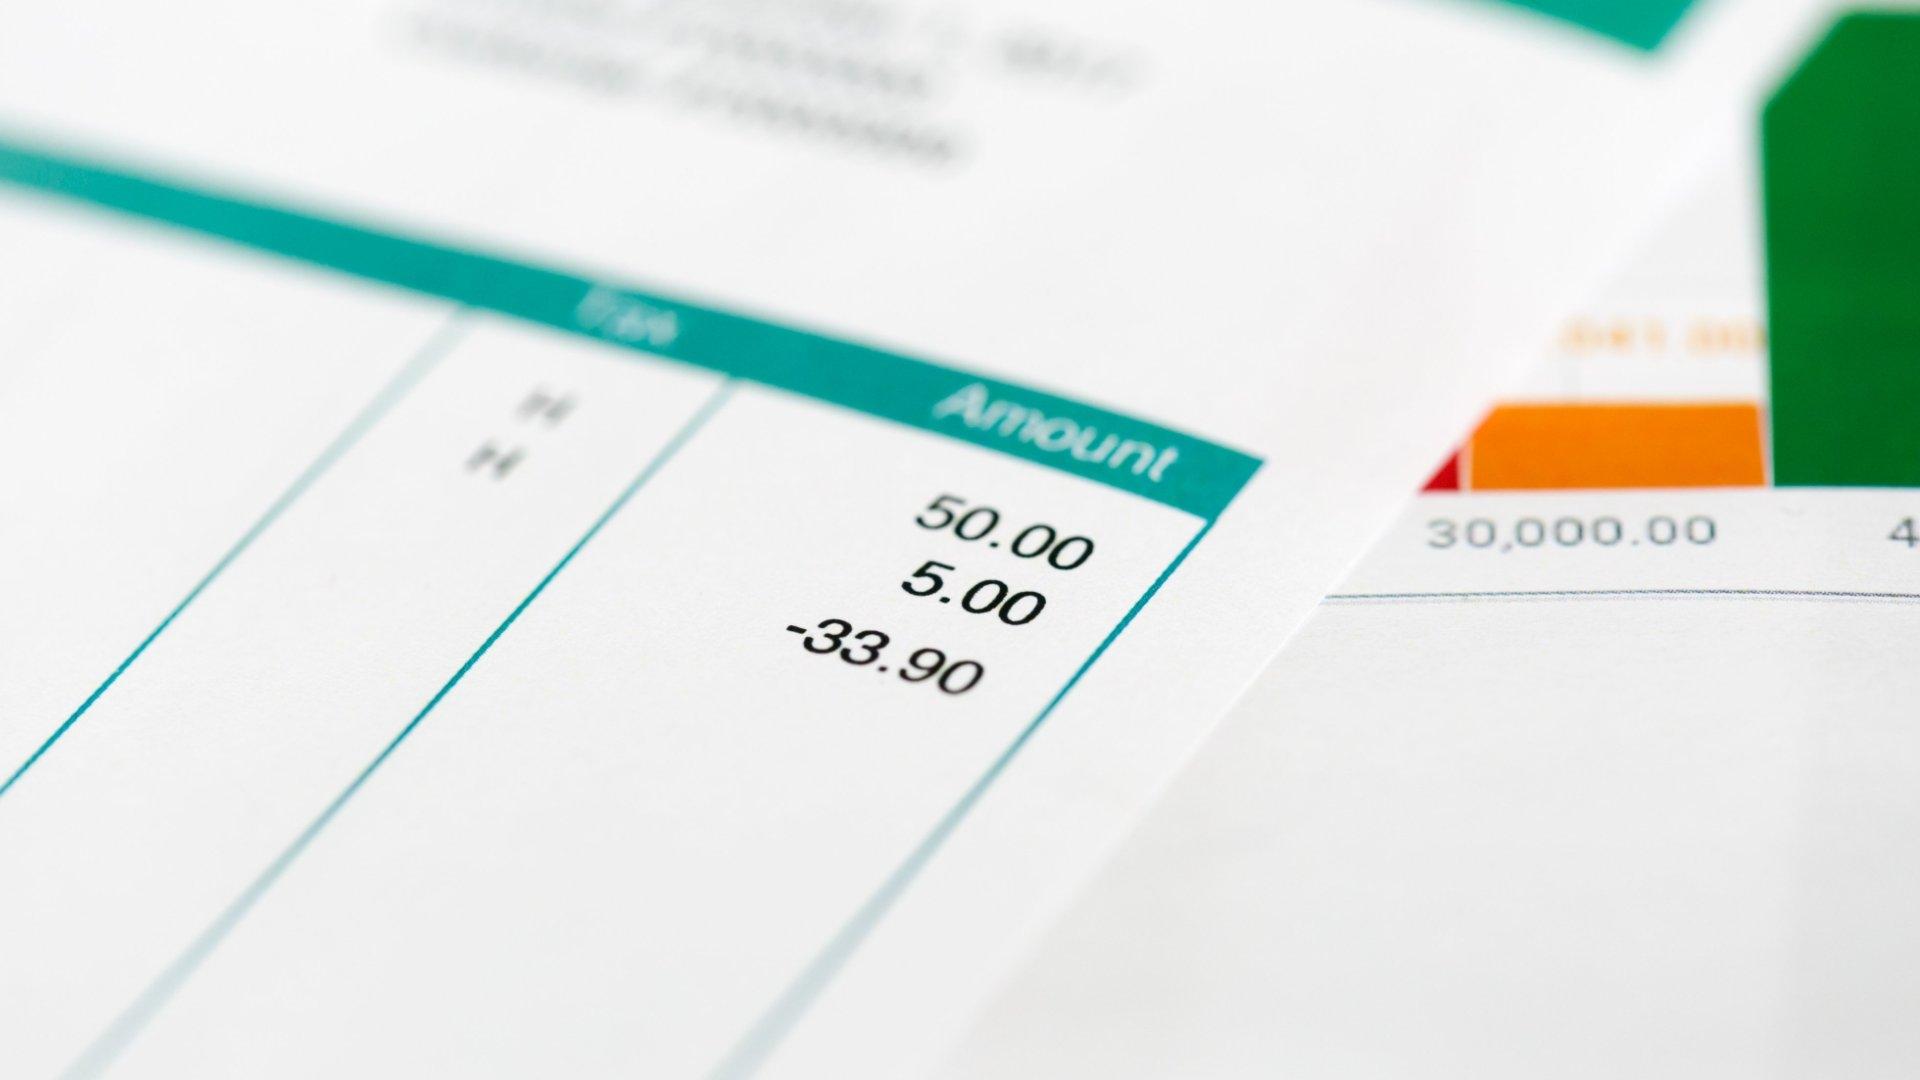 Boleto Bancário: tarifas e custos